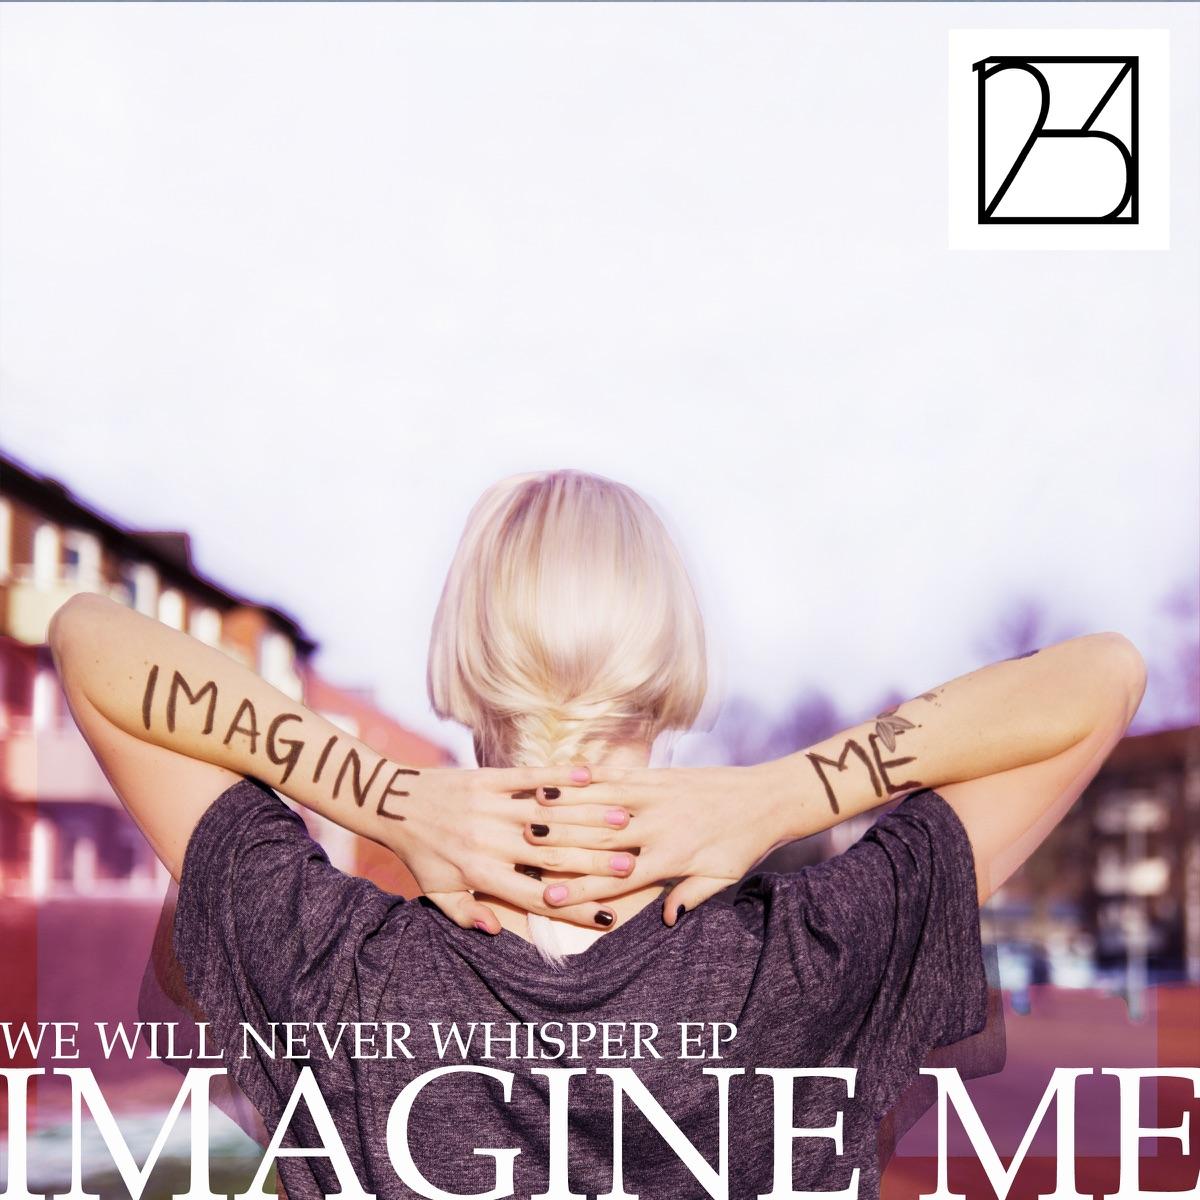 We Will Never Whisper - EP Imagine me CD cover